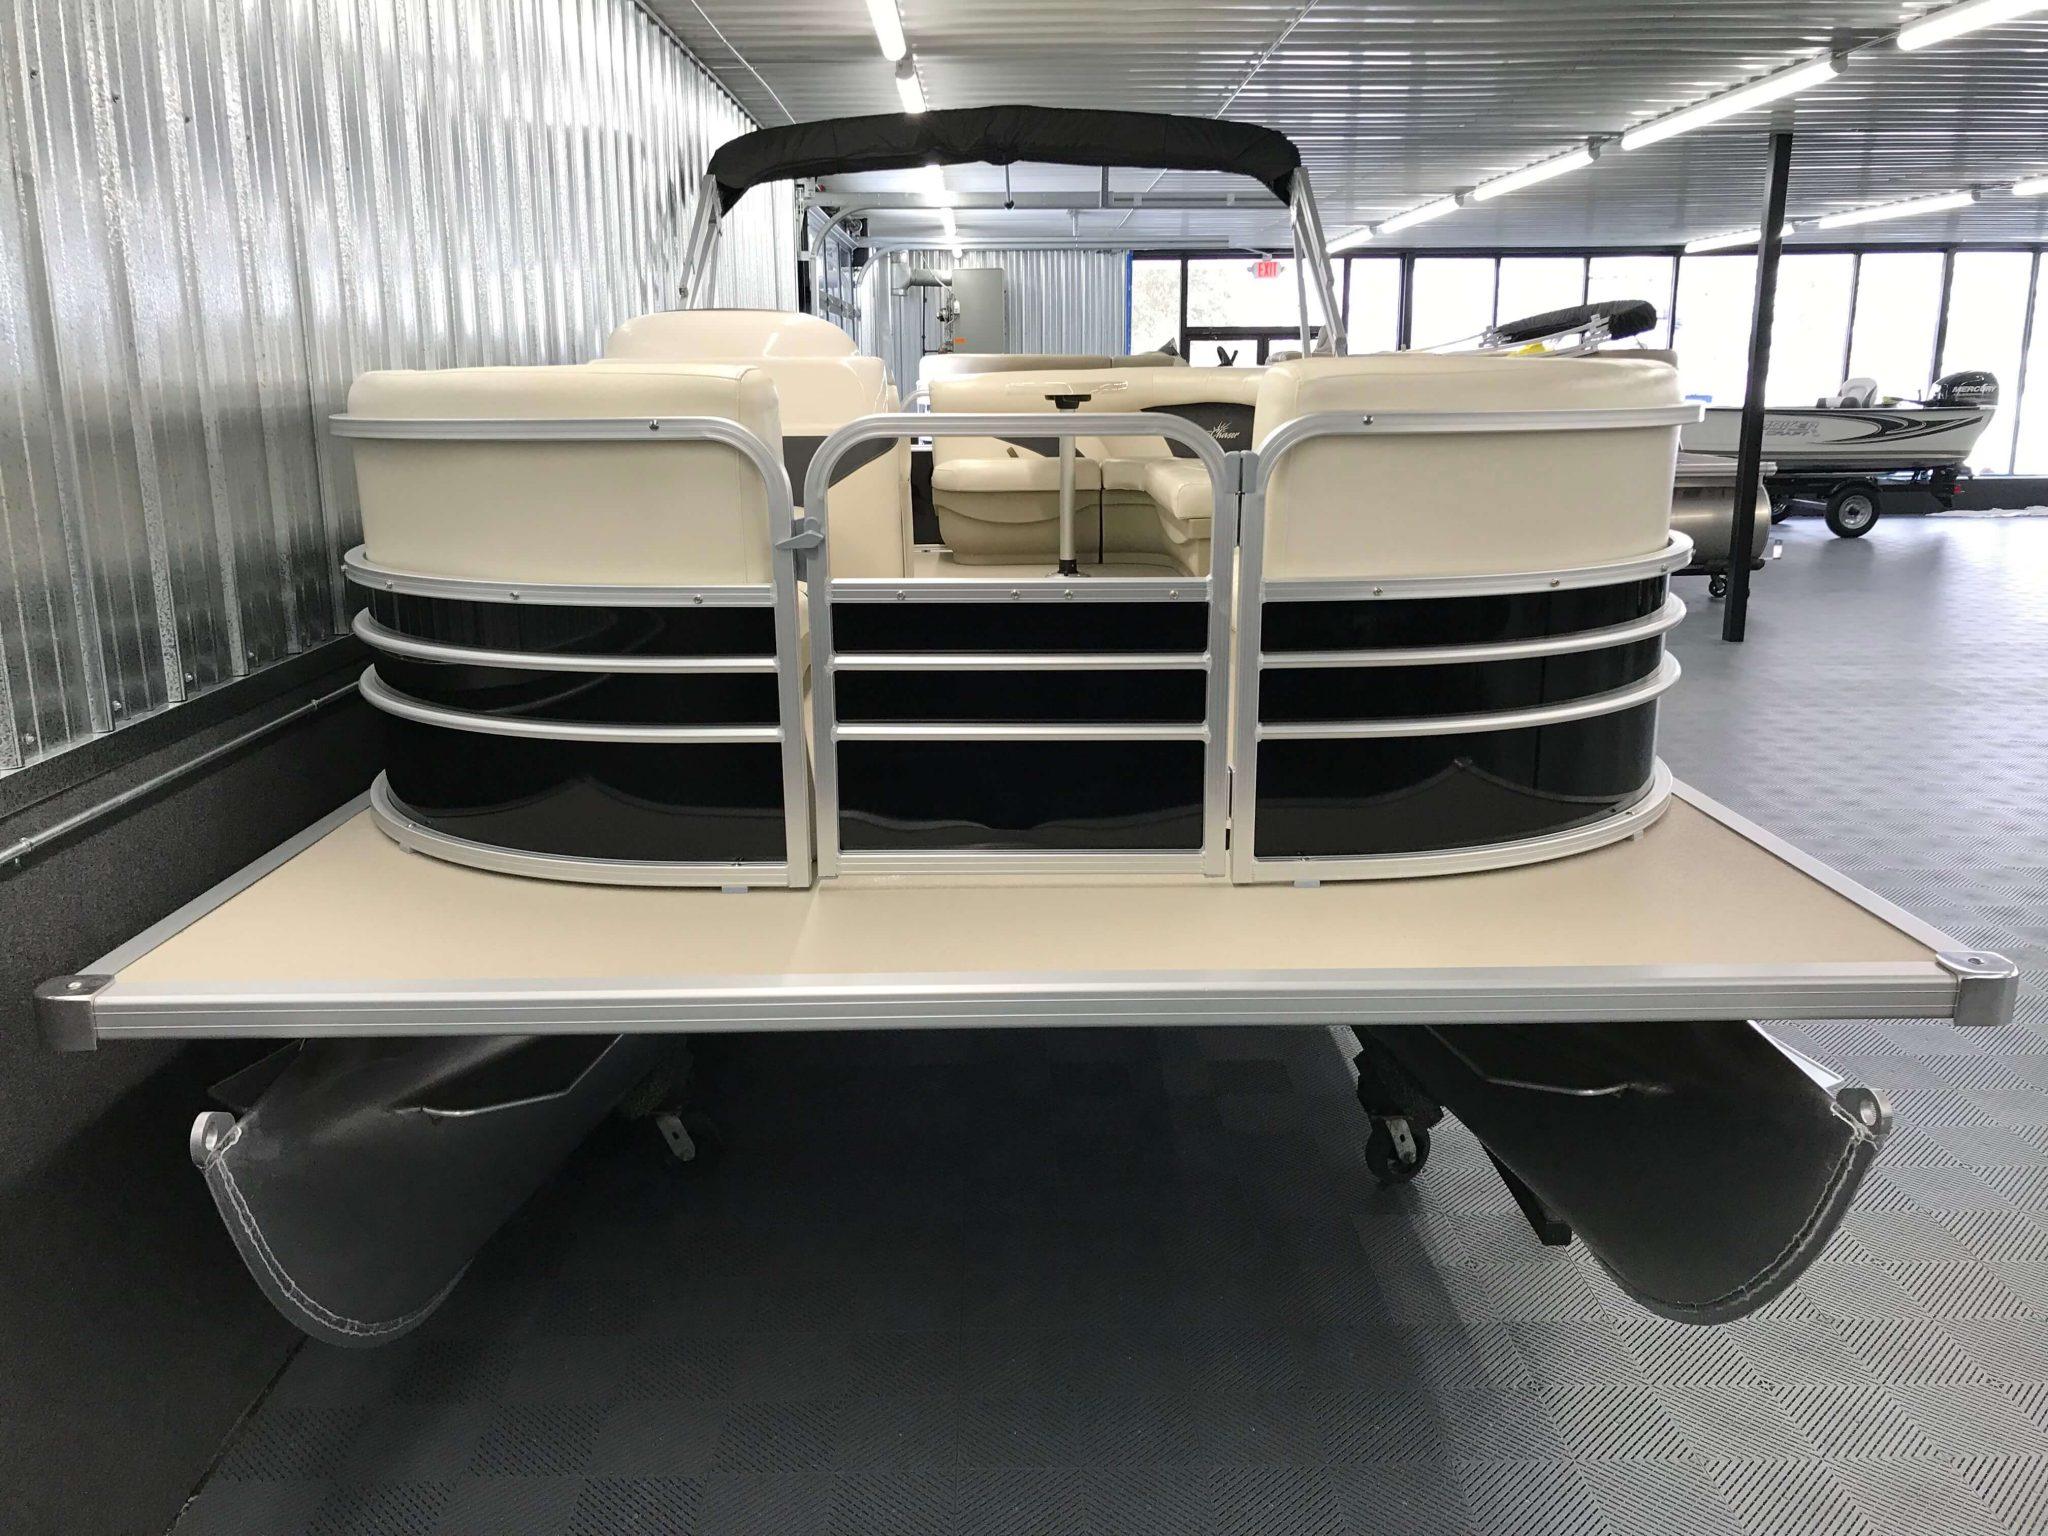 2019 SunChaser Oasis 820 Cruise Black 5